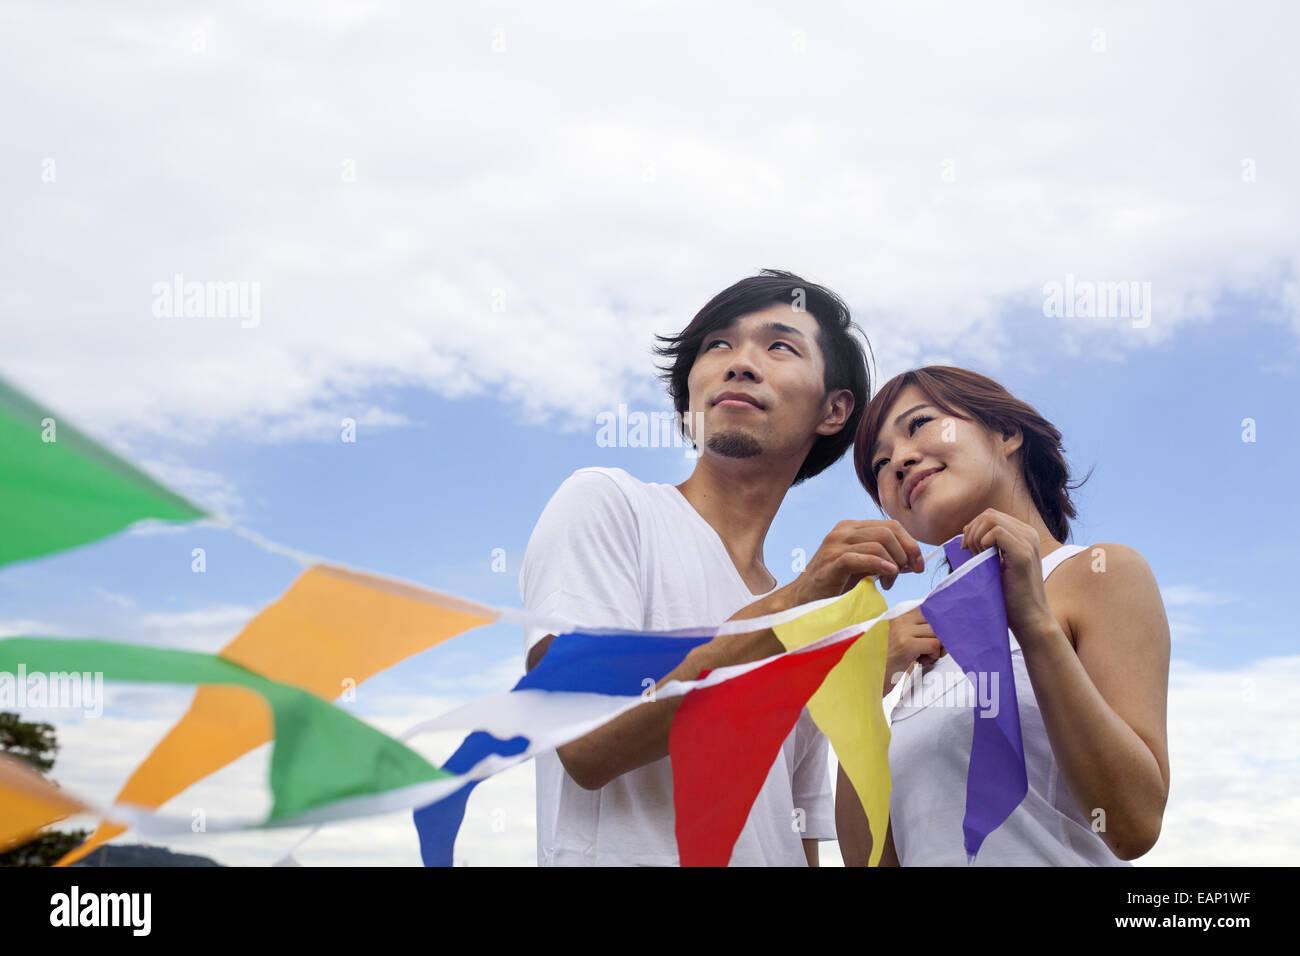 Ein paar, Mann und Frau in einem Kyoto-Park eine bunte Reihe von Fahnen hochhalten. Stockbild